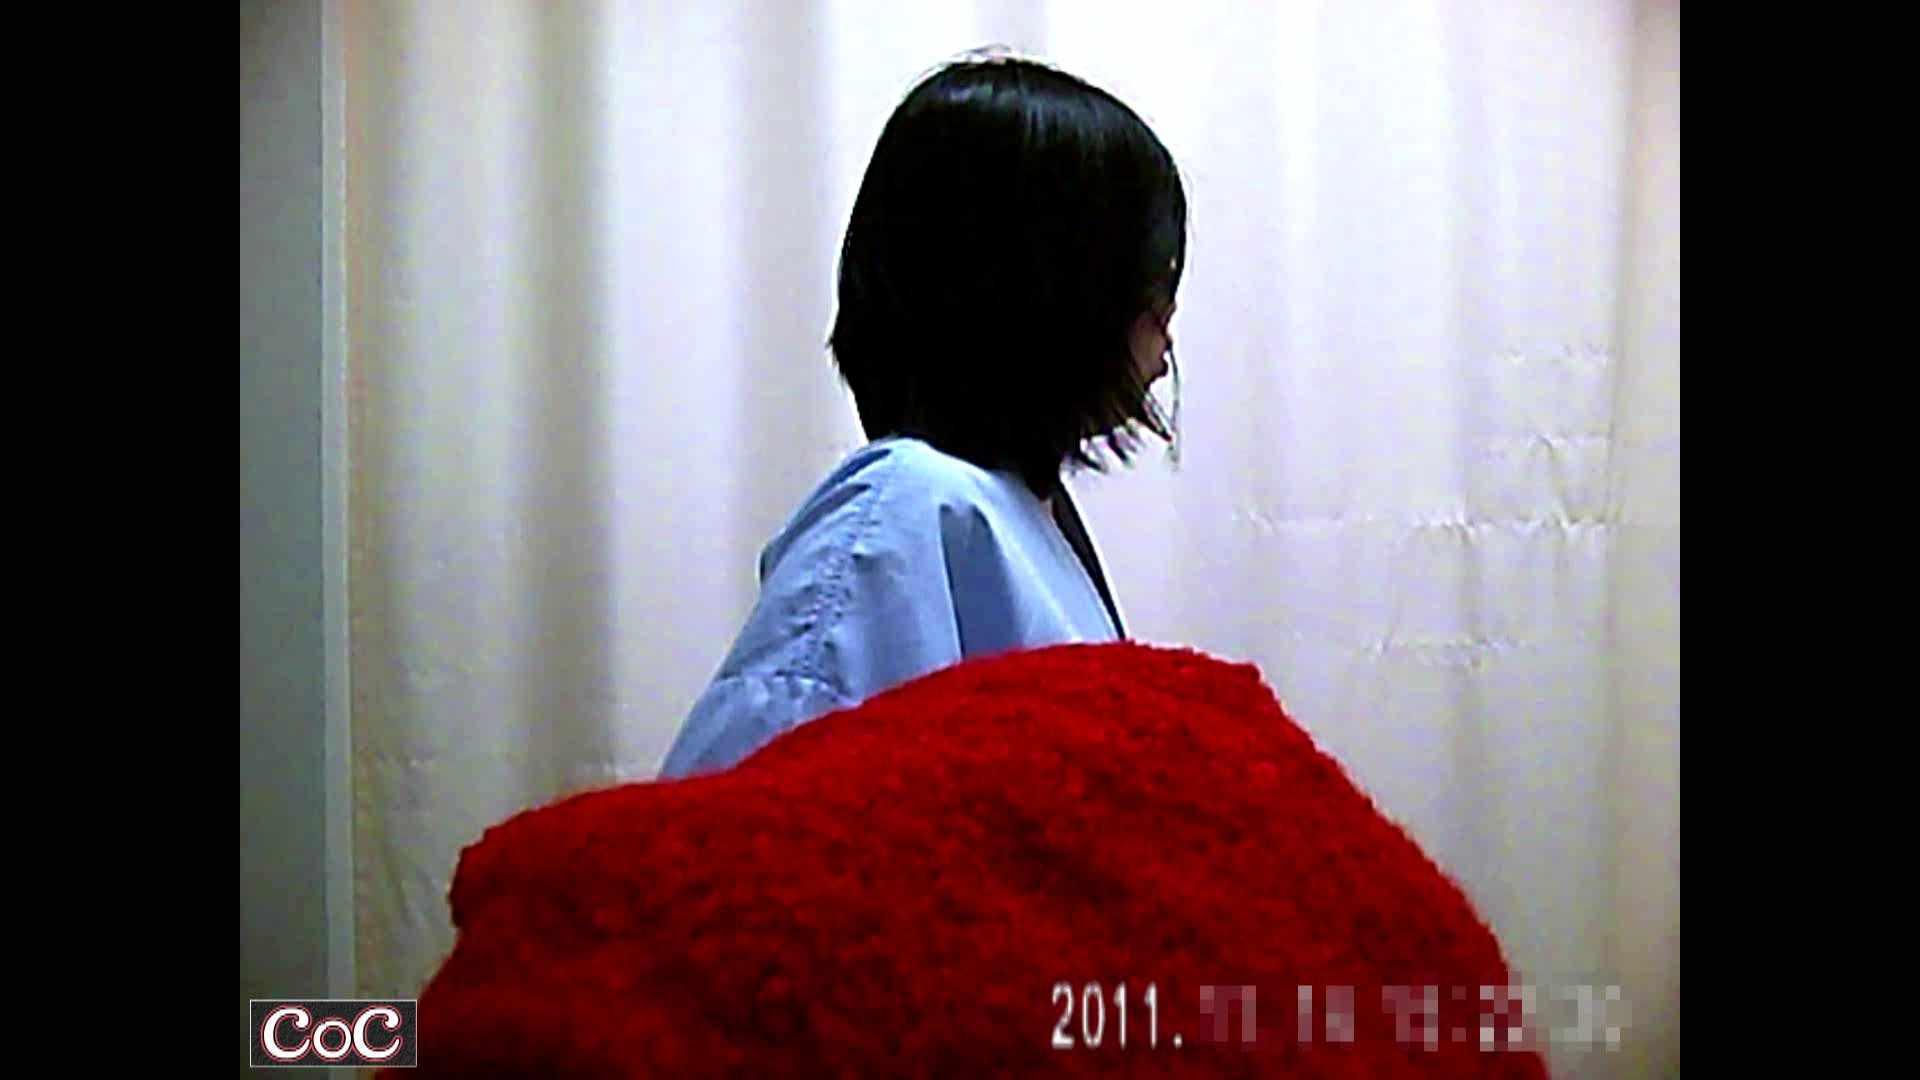 元医者による反抗 更衣室地獄絵巻 vol.206 OL  59pic 31